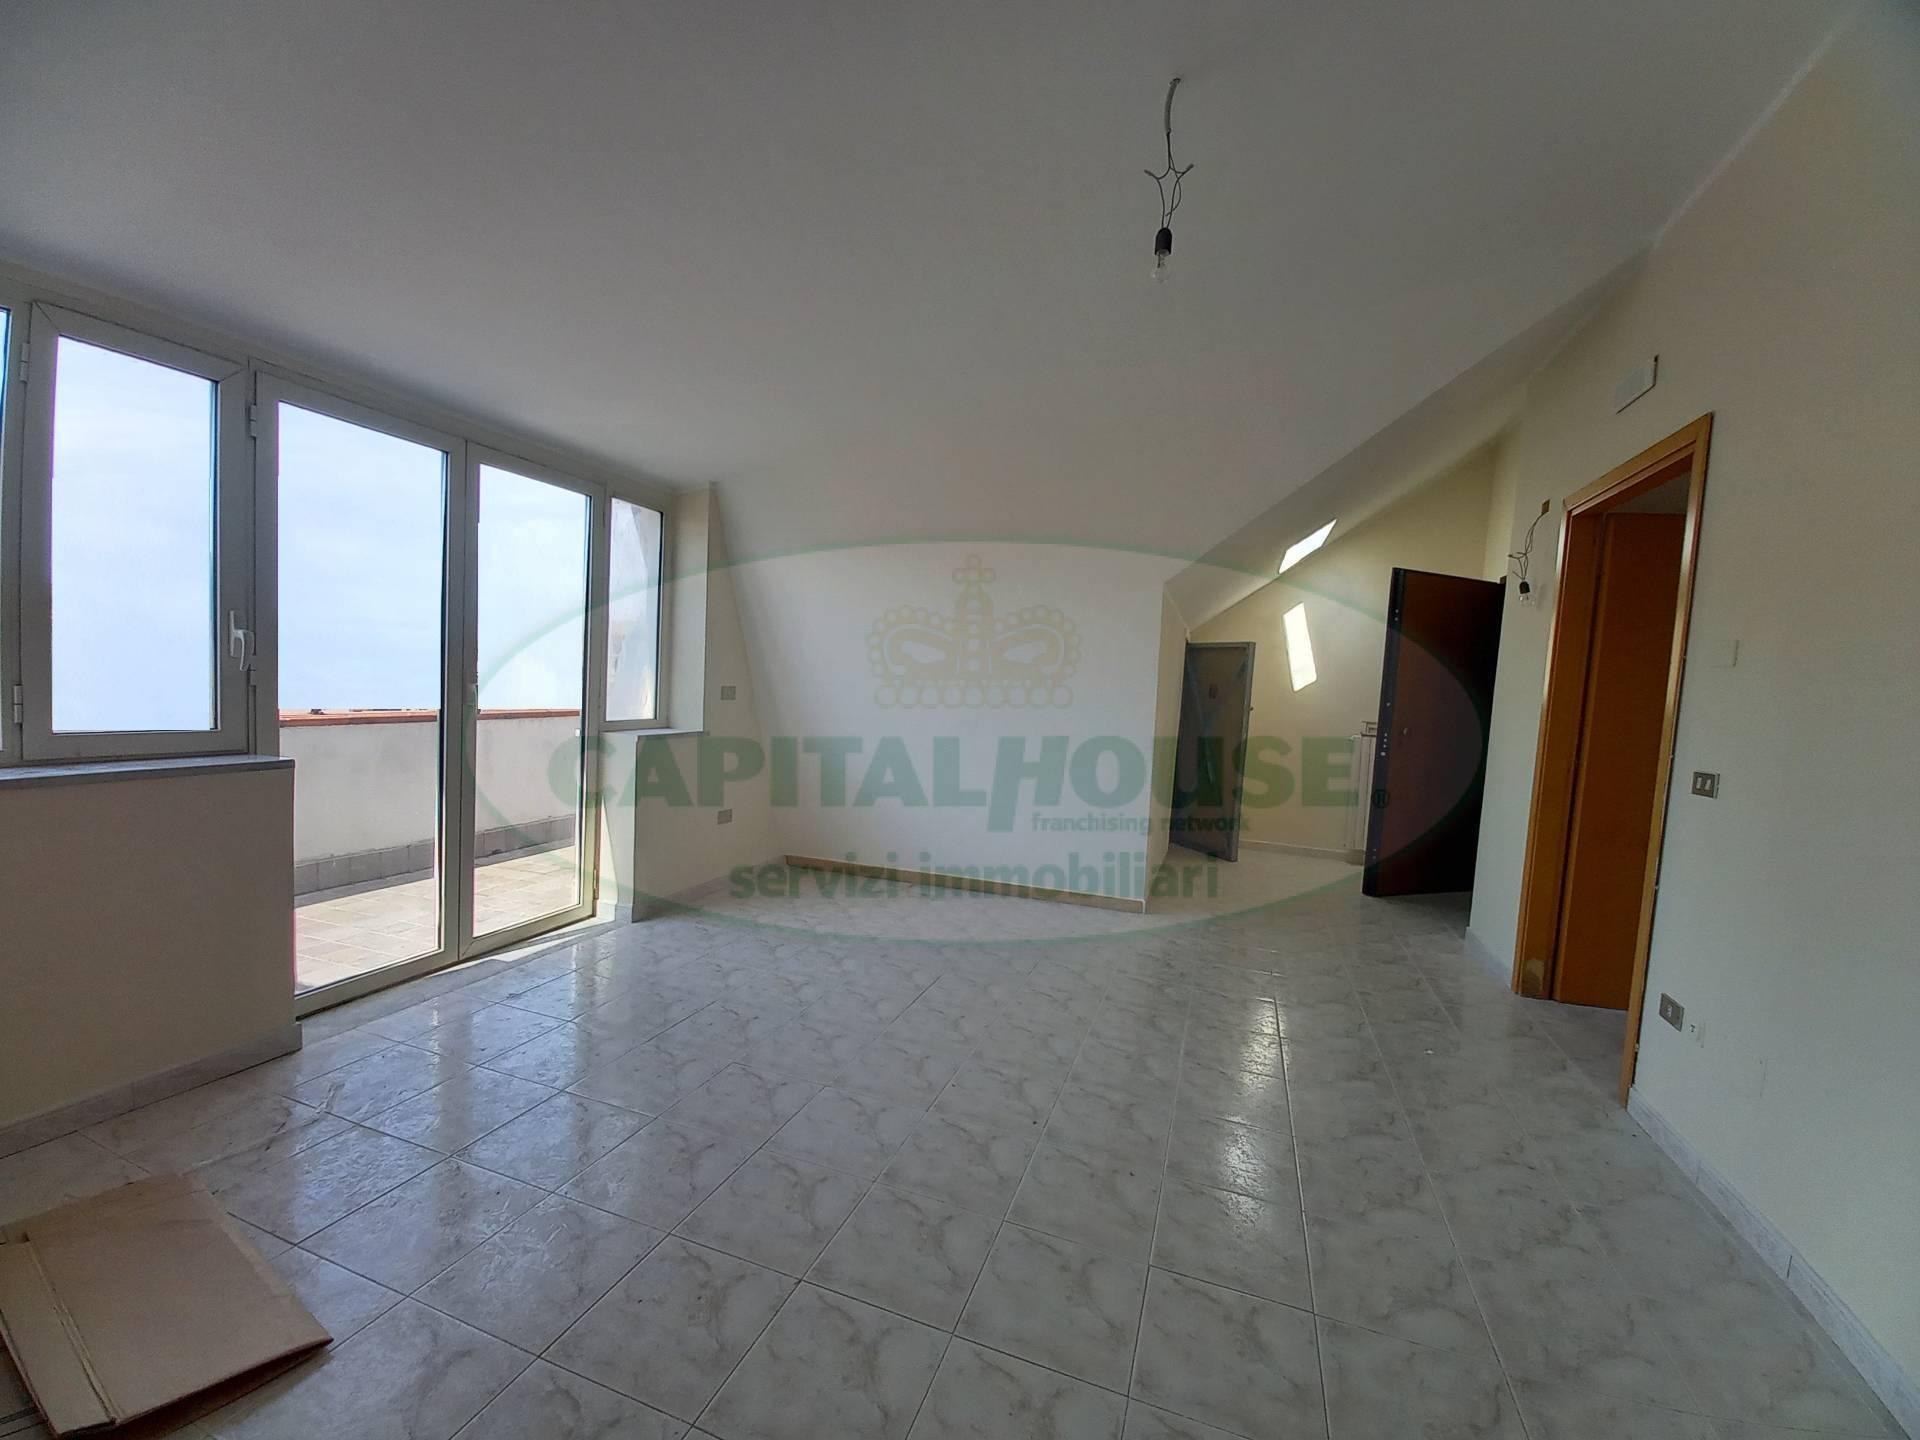 Appartamento in affitto a Capua, 4 locali, prezzo € 390   CambioCasa.it